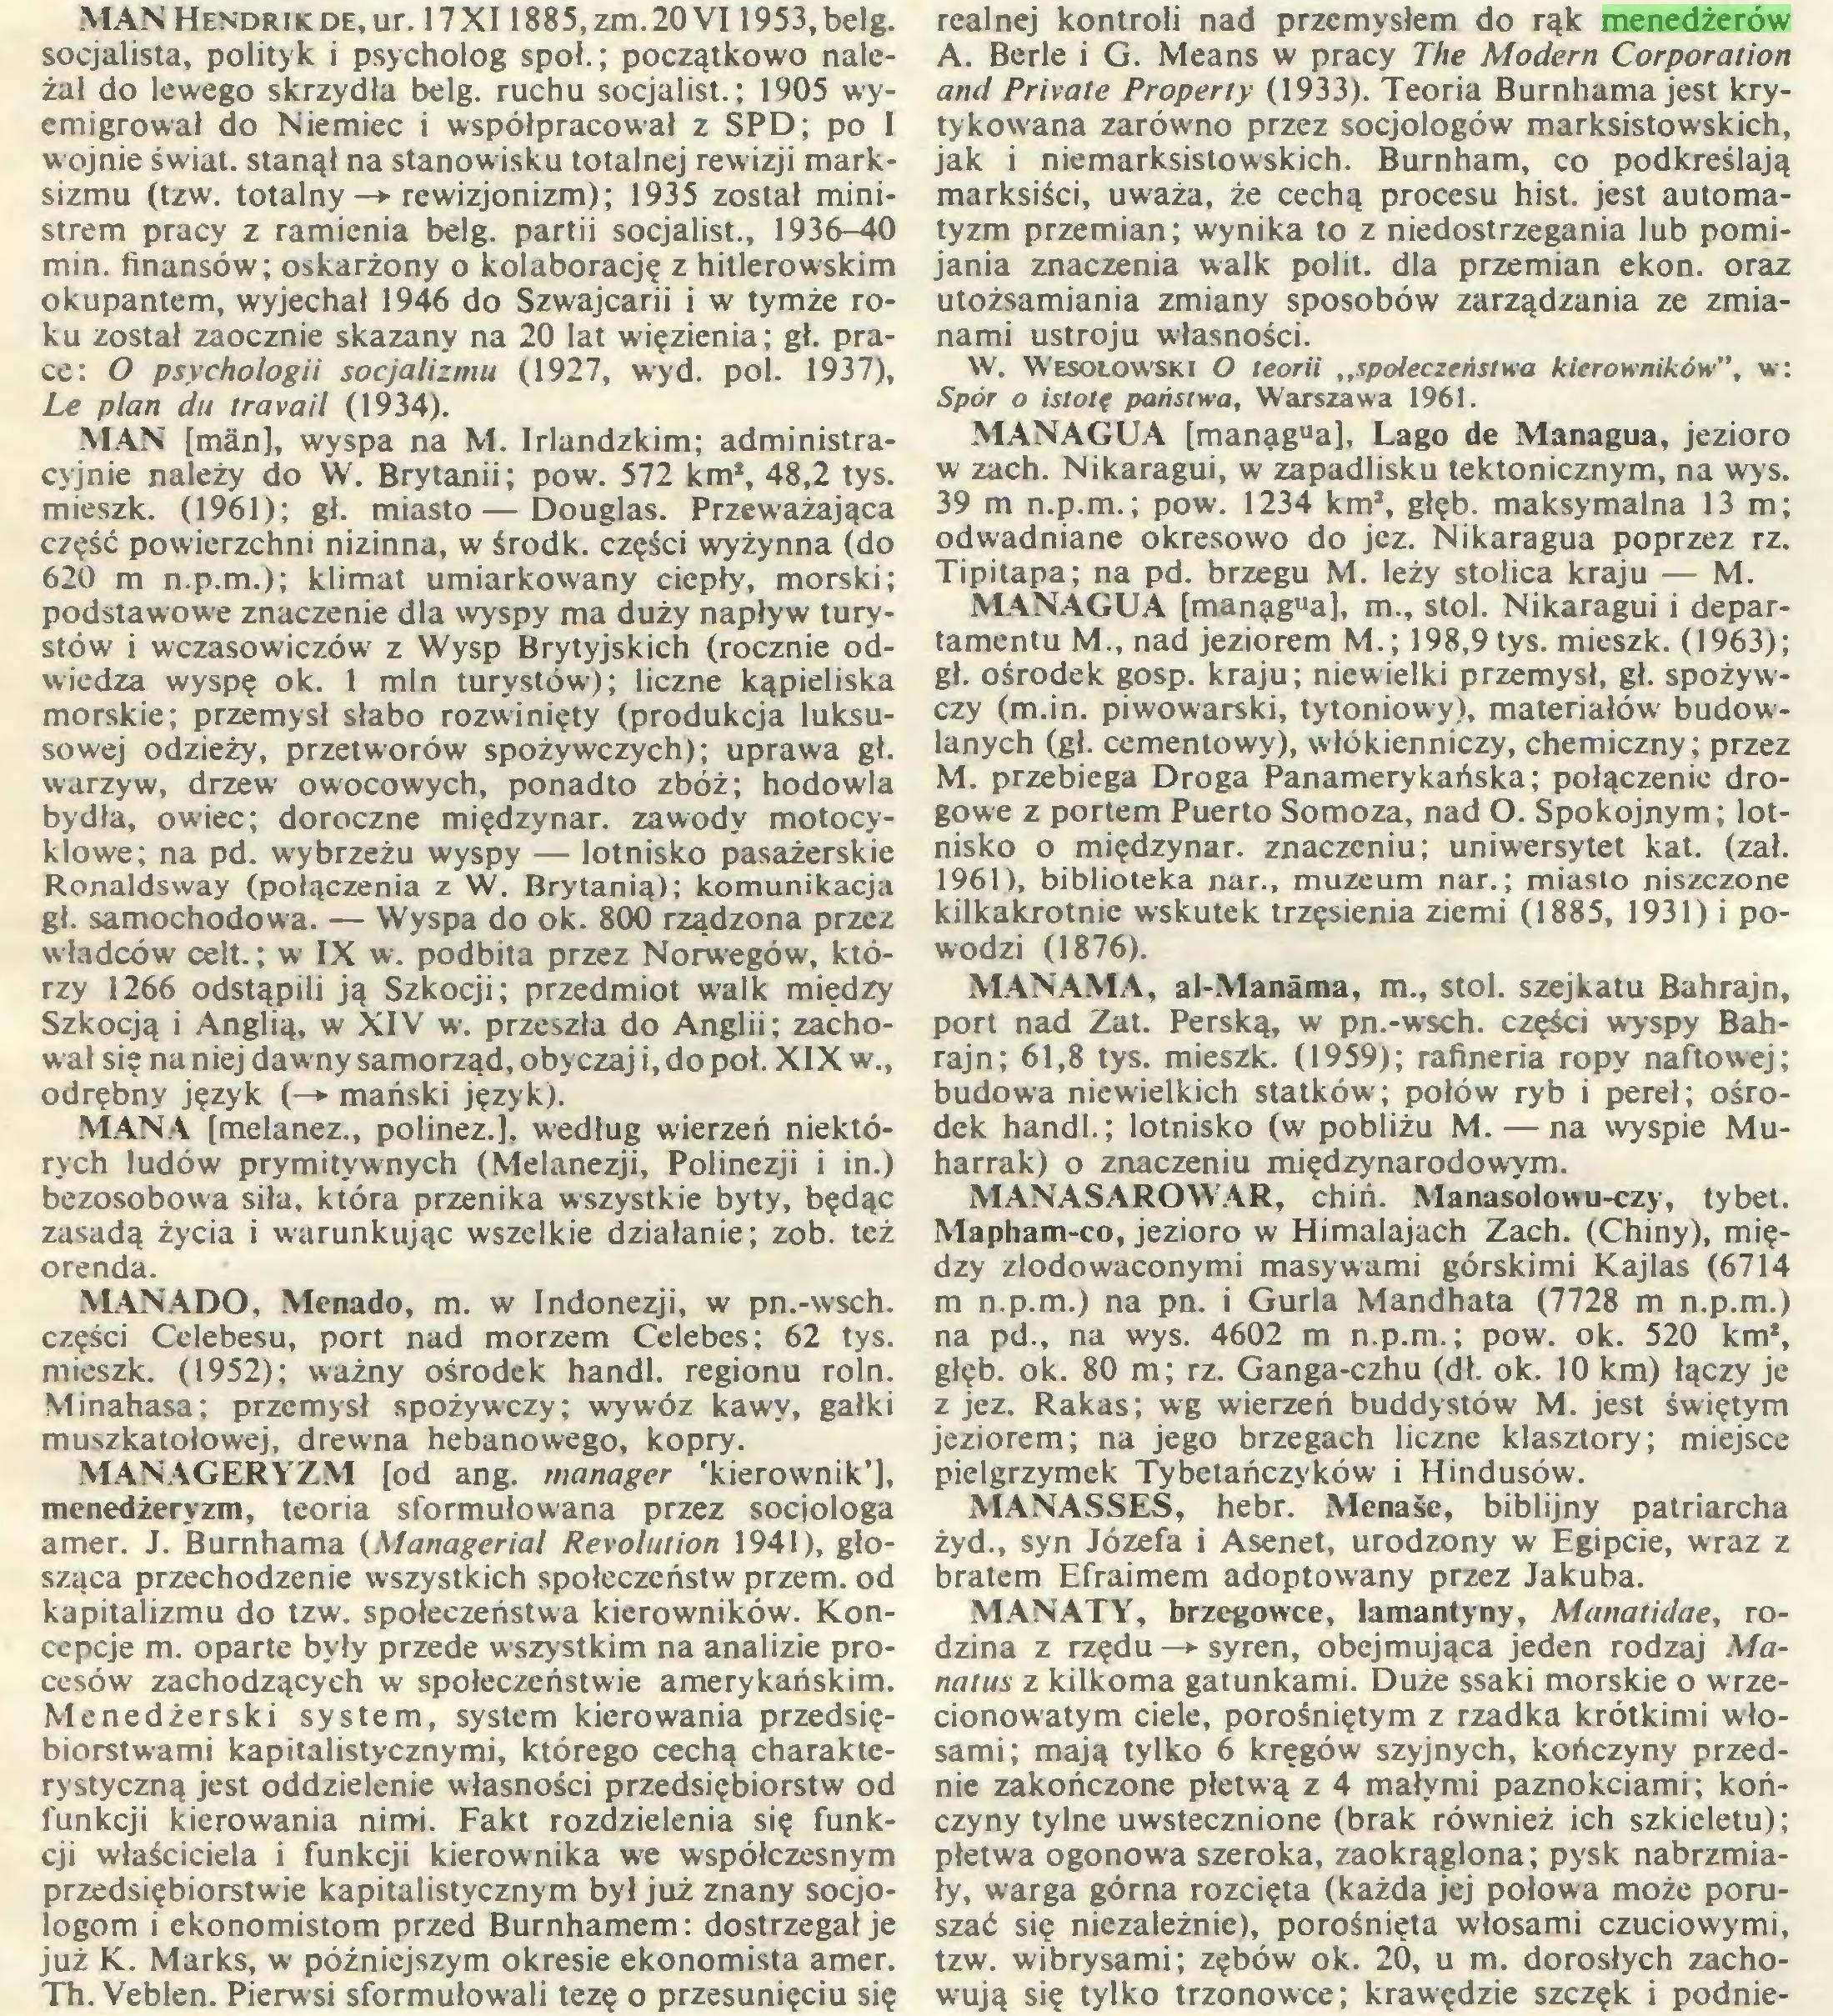 (...) Th. Veblen. Pierwsi sformułowali tezę o przesunięciu się realnej kontroli nad przemysłem do rąk menedżerów A. Berle i G. Means w pracy The Modern Corporation and Prívate Property (1933). Teoria Bumhama jest krytykowana zarówno przez socjologów marksistowskich, jak i niemarksistowskich. Burnham, co podkreślają...